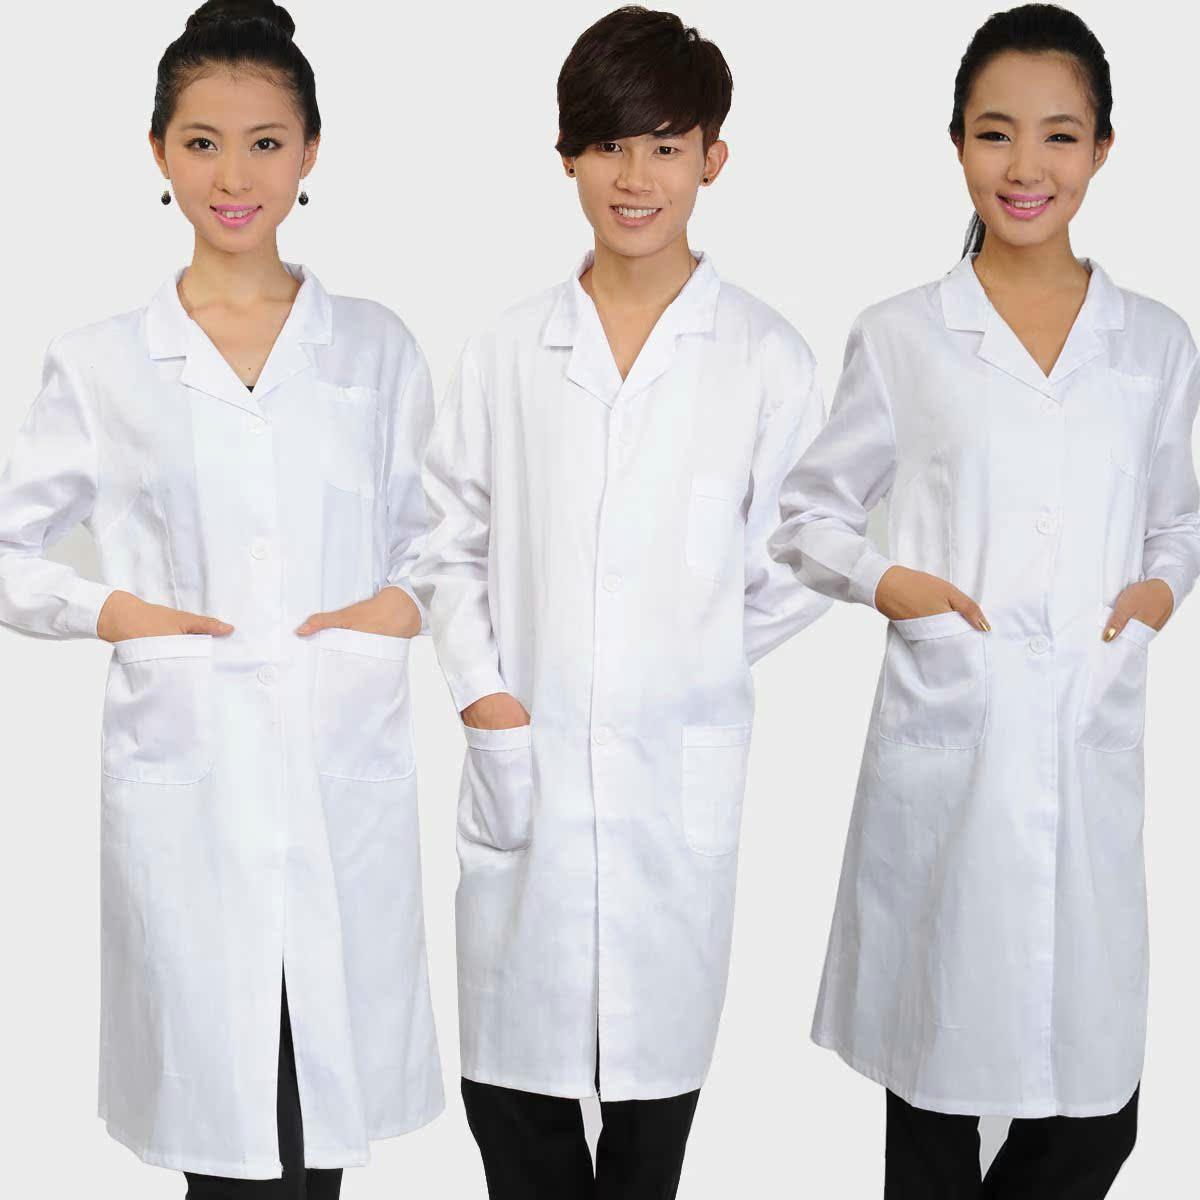 У женщин врачей под халатами 14 фотография